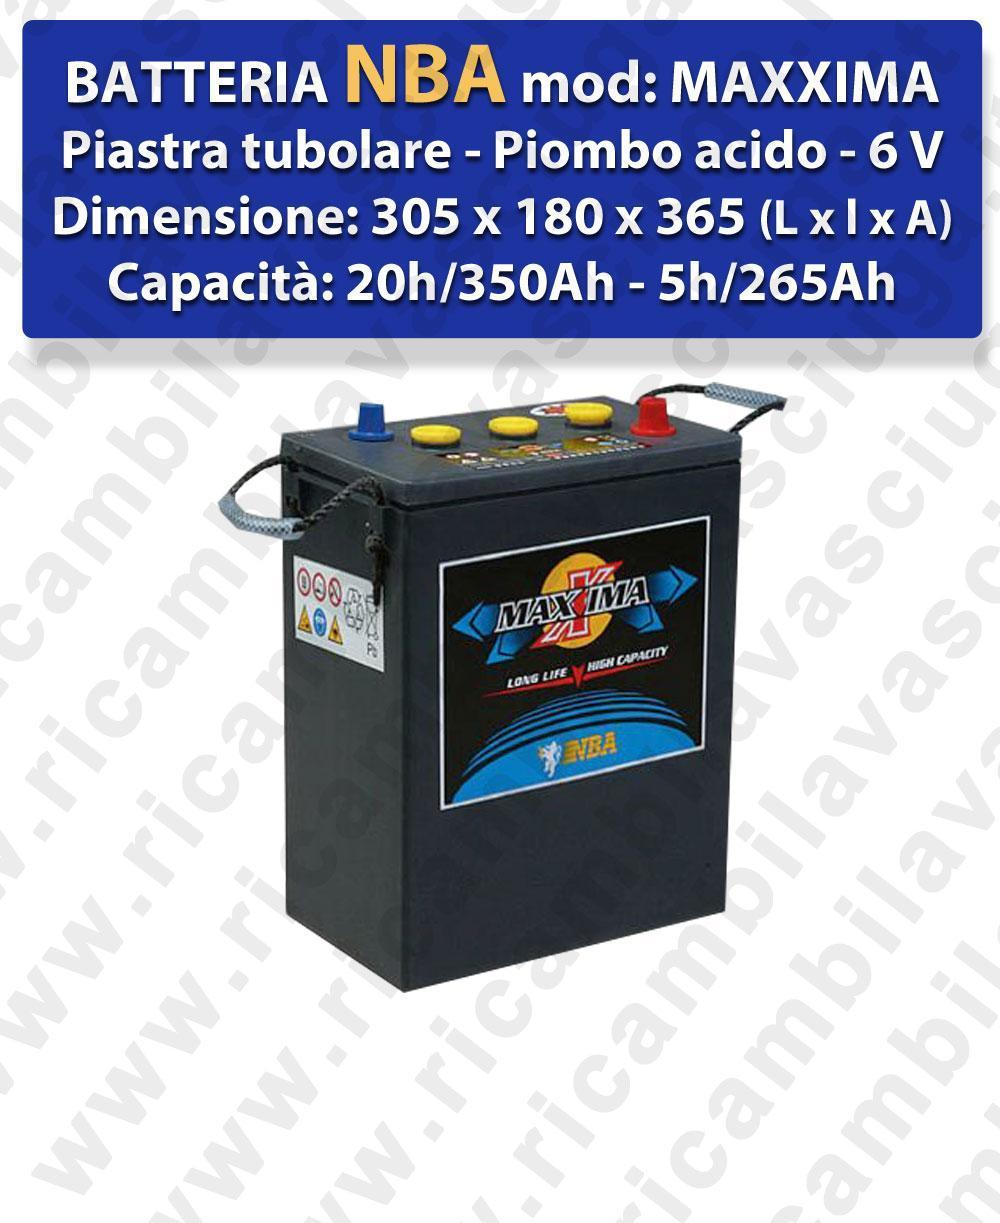 MAXXIMA Battery piombo - NBA 6V 350Ah 20/h